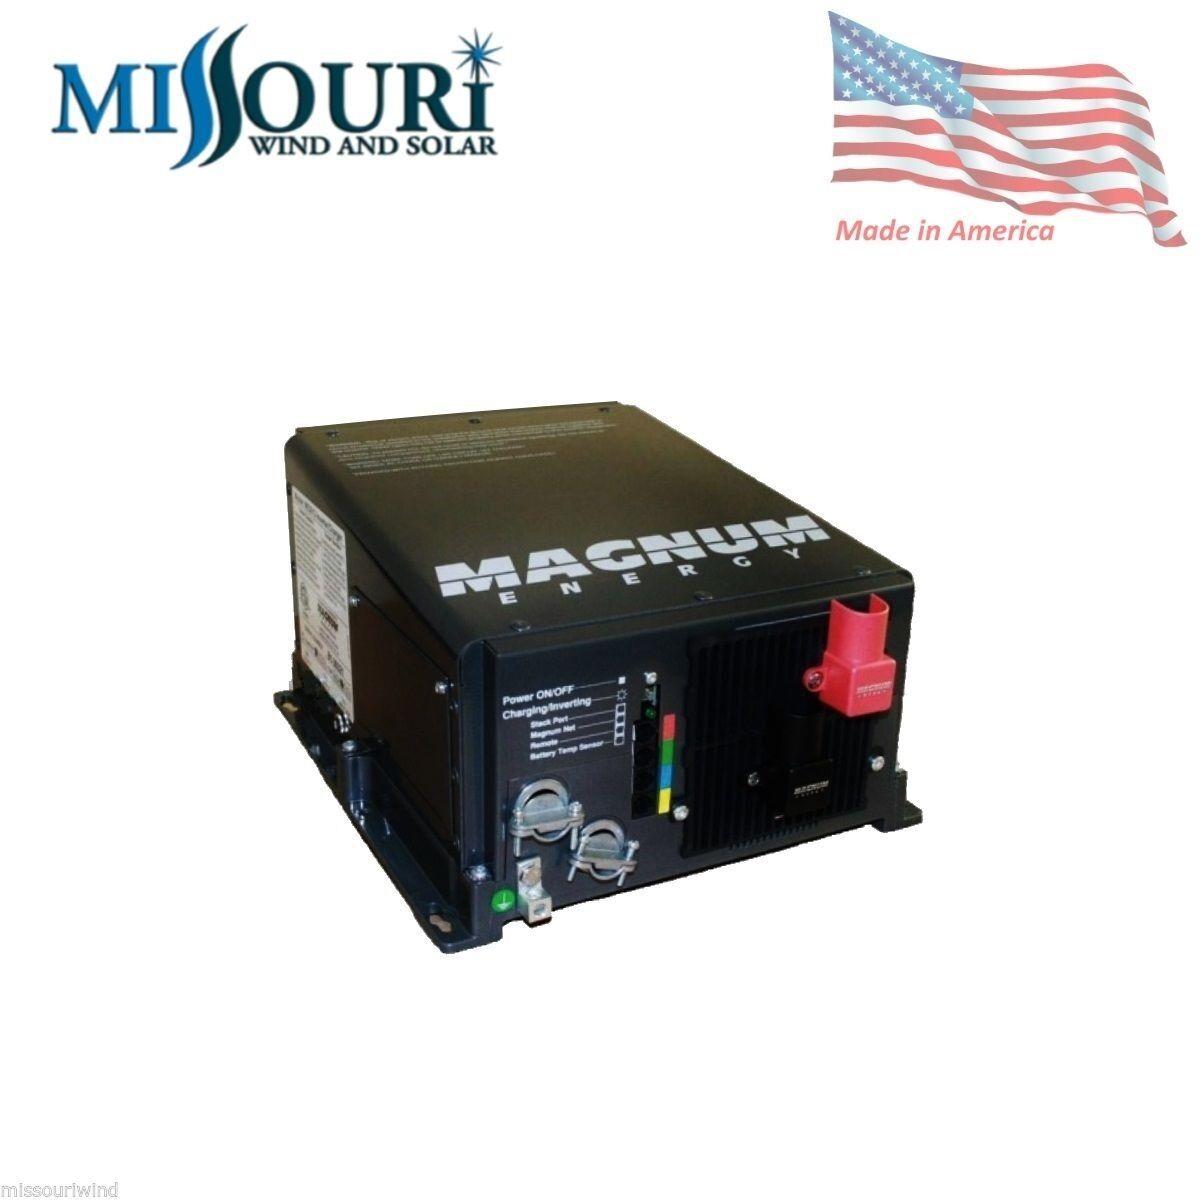 Magnum Me3112 12 Volt 3100w Power Inverter Charger Ebay